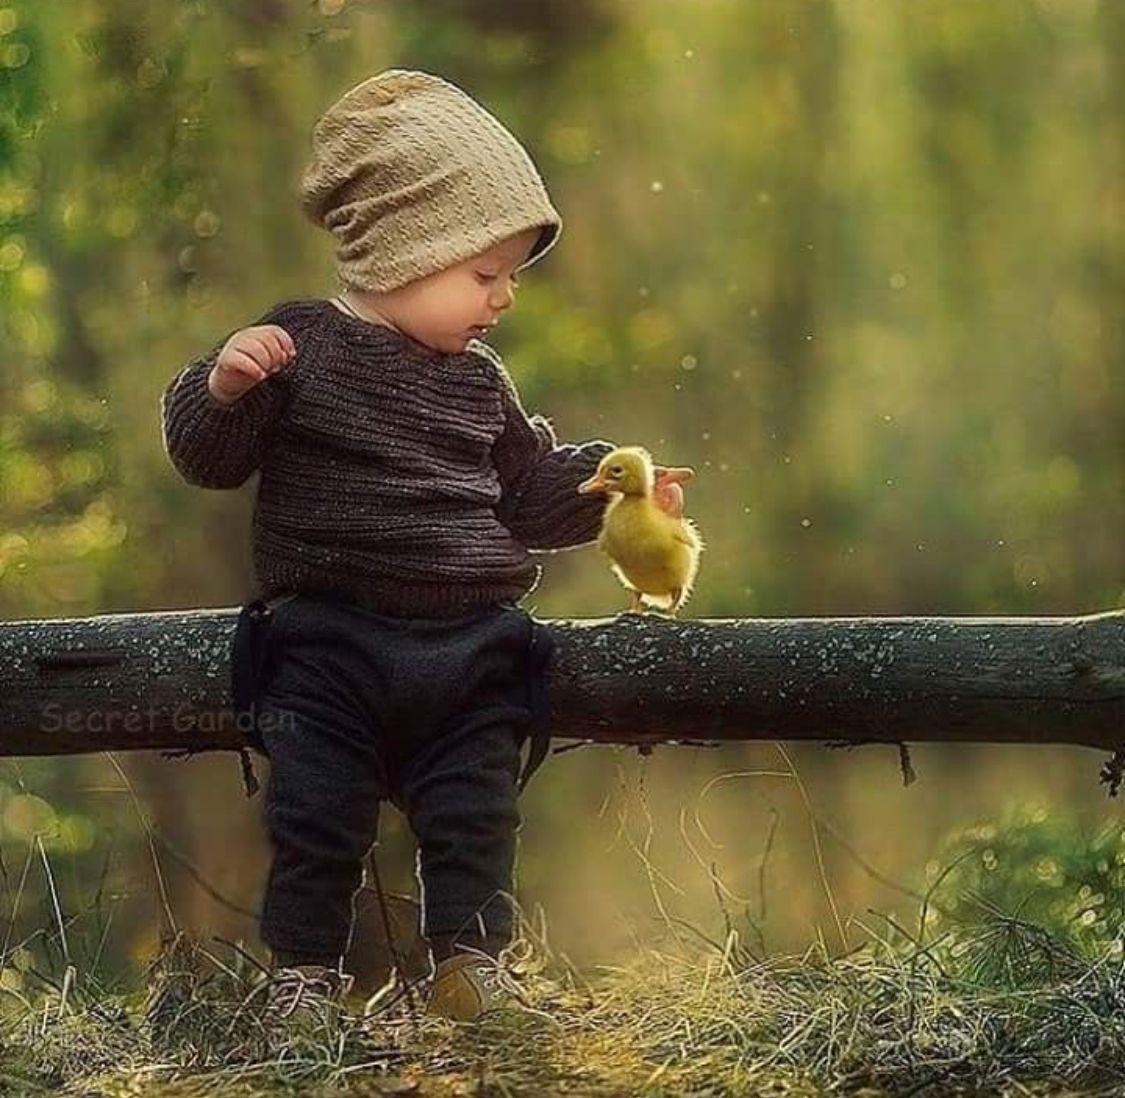 Épinglé par Béa sur PORTRAITS ENFANTS | So cute baby, Bébés animaux